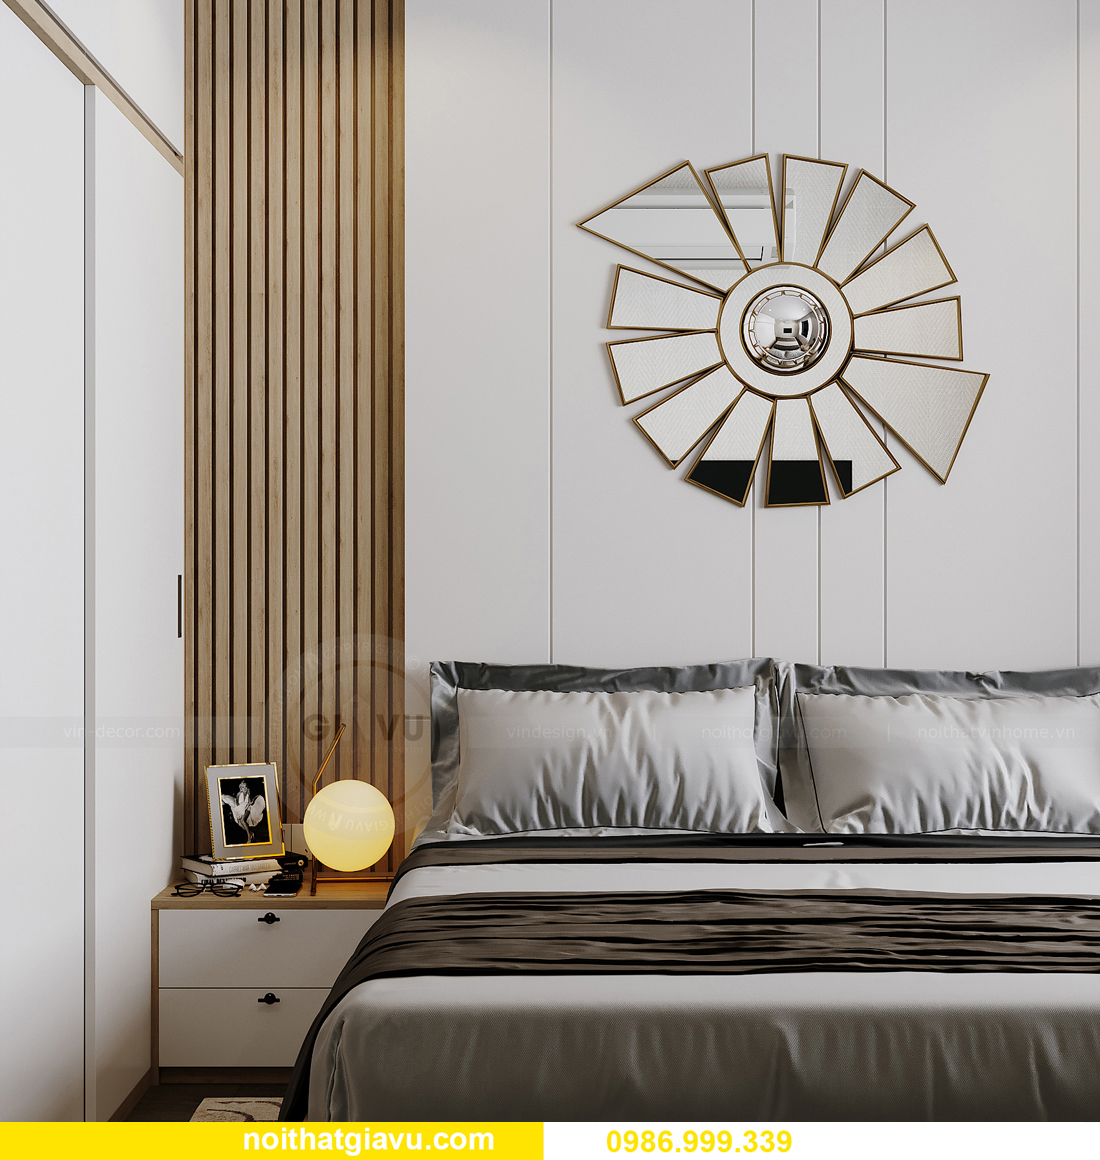 hoàn thiện nội thất căn hộ Smart City tòa S201 căn 2903 anh Hòa 9